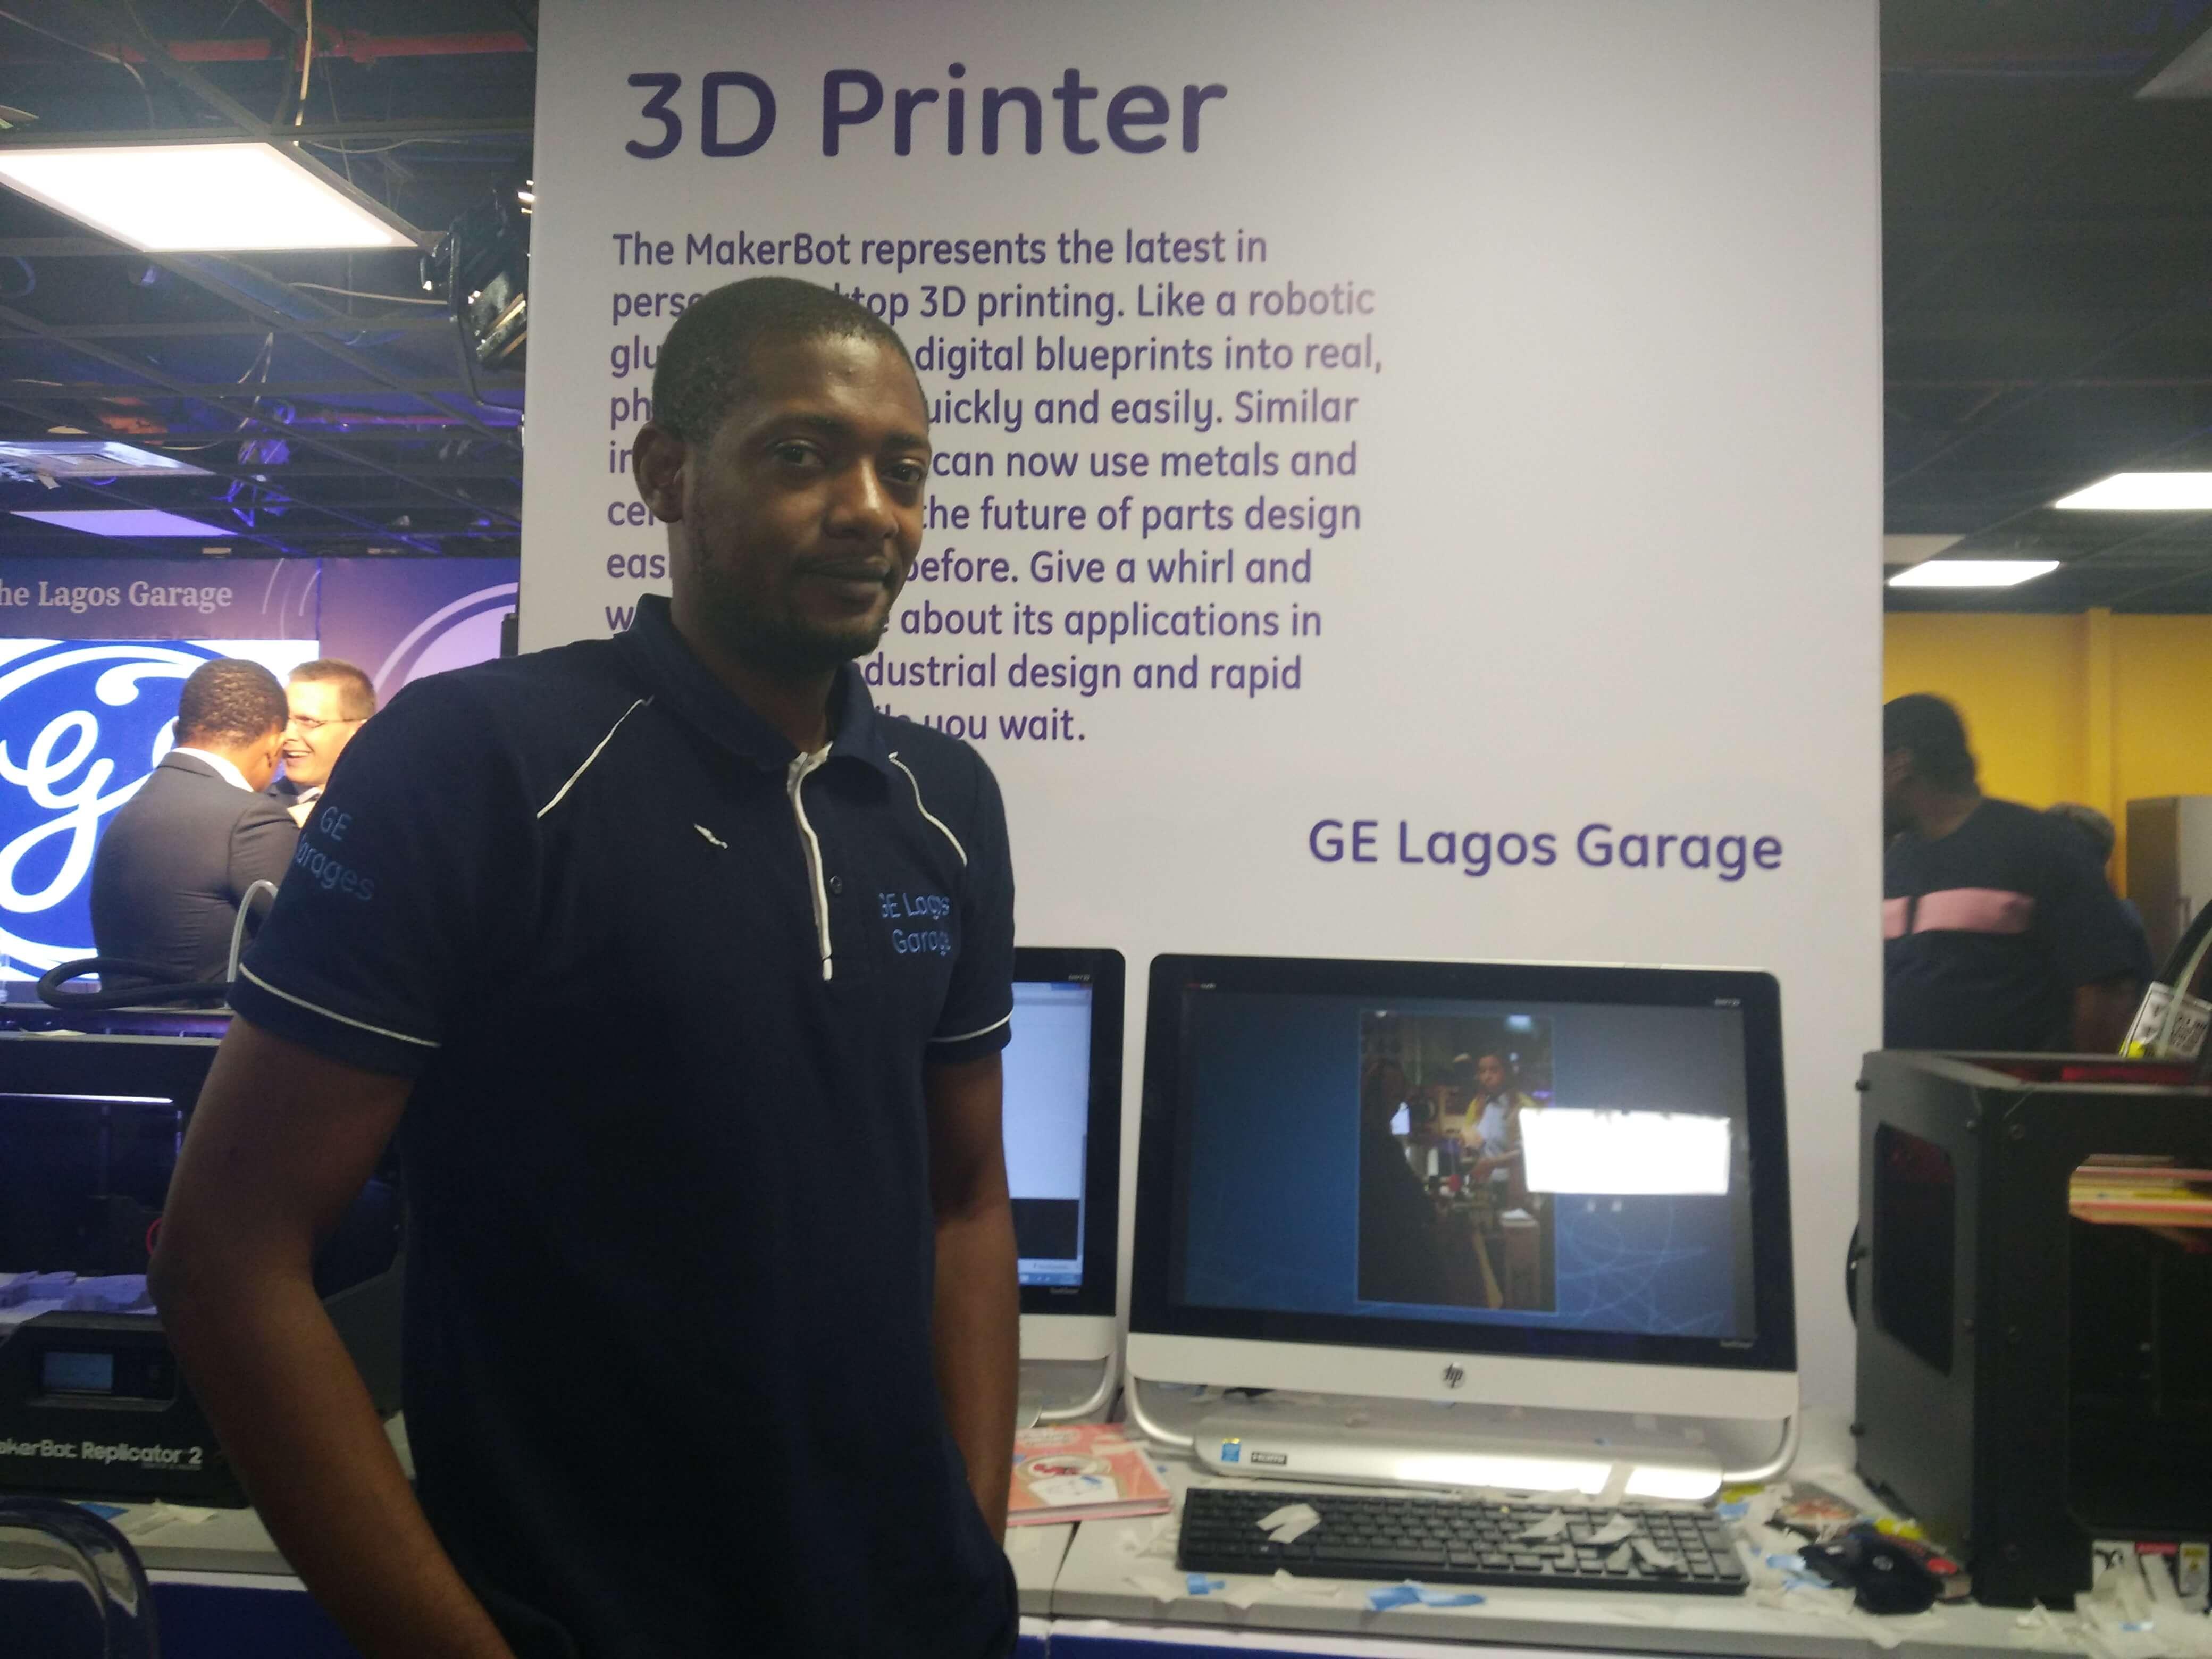 GE Lagos Garage